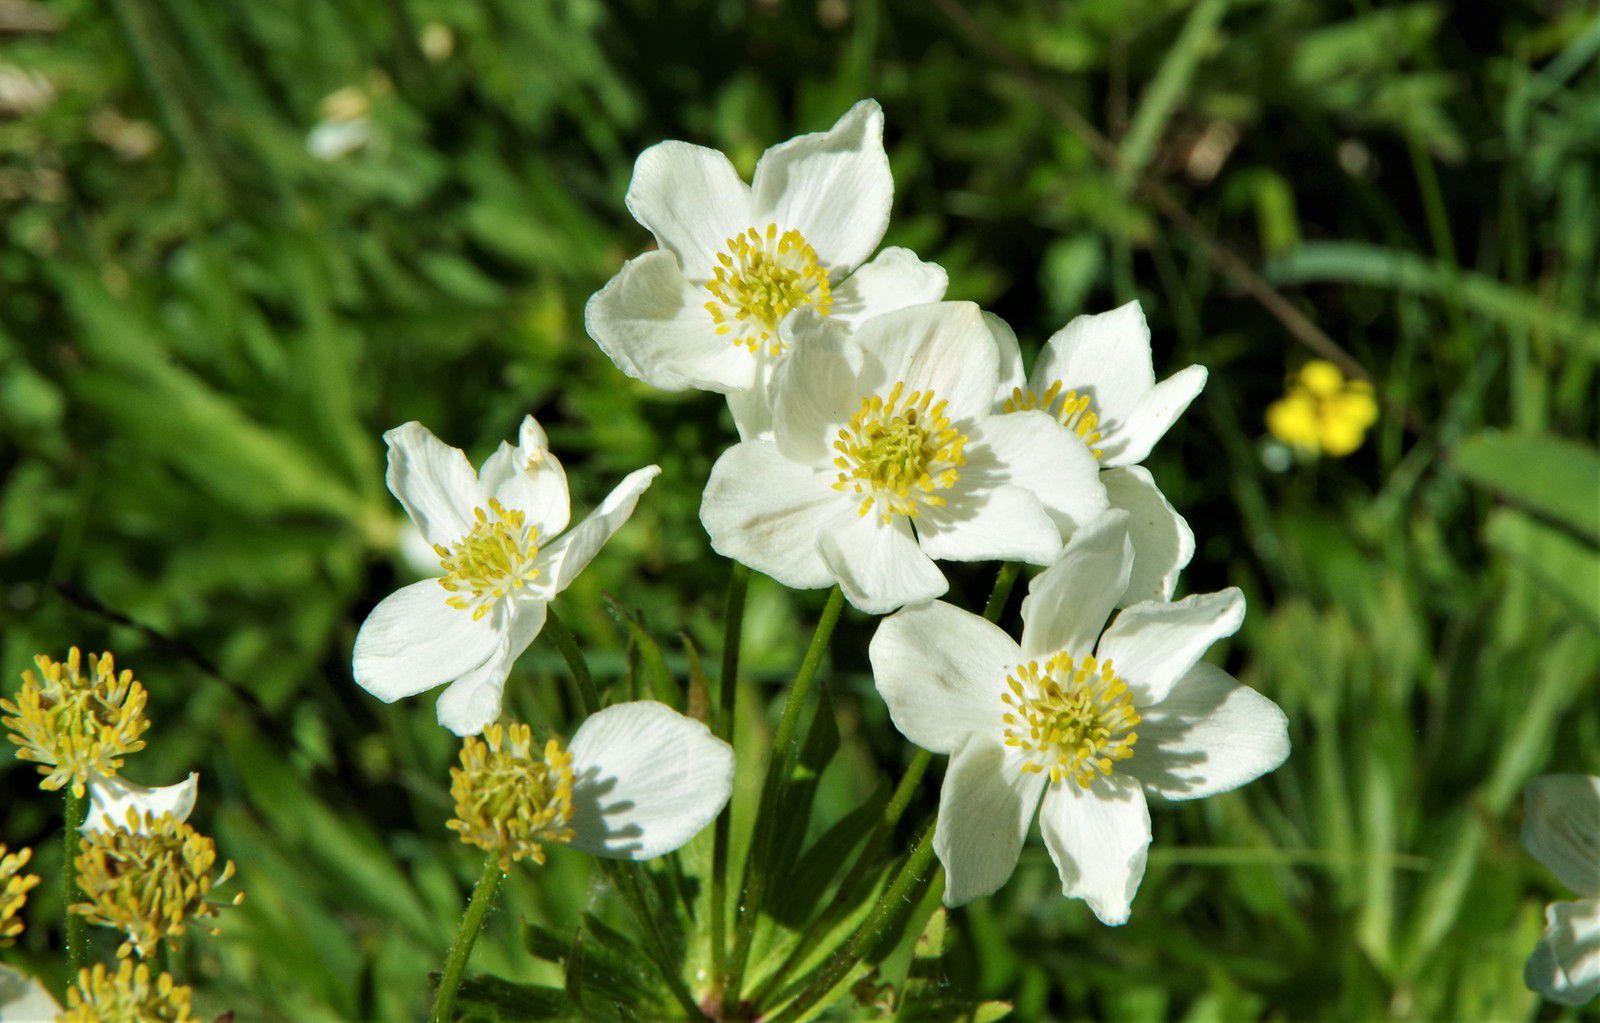 Anemone narcissiflora, anémone à fleurs de narcisse